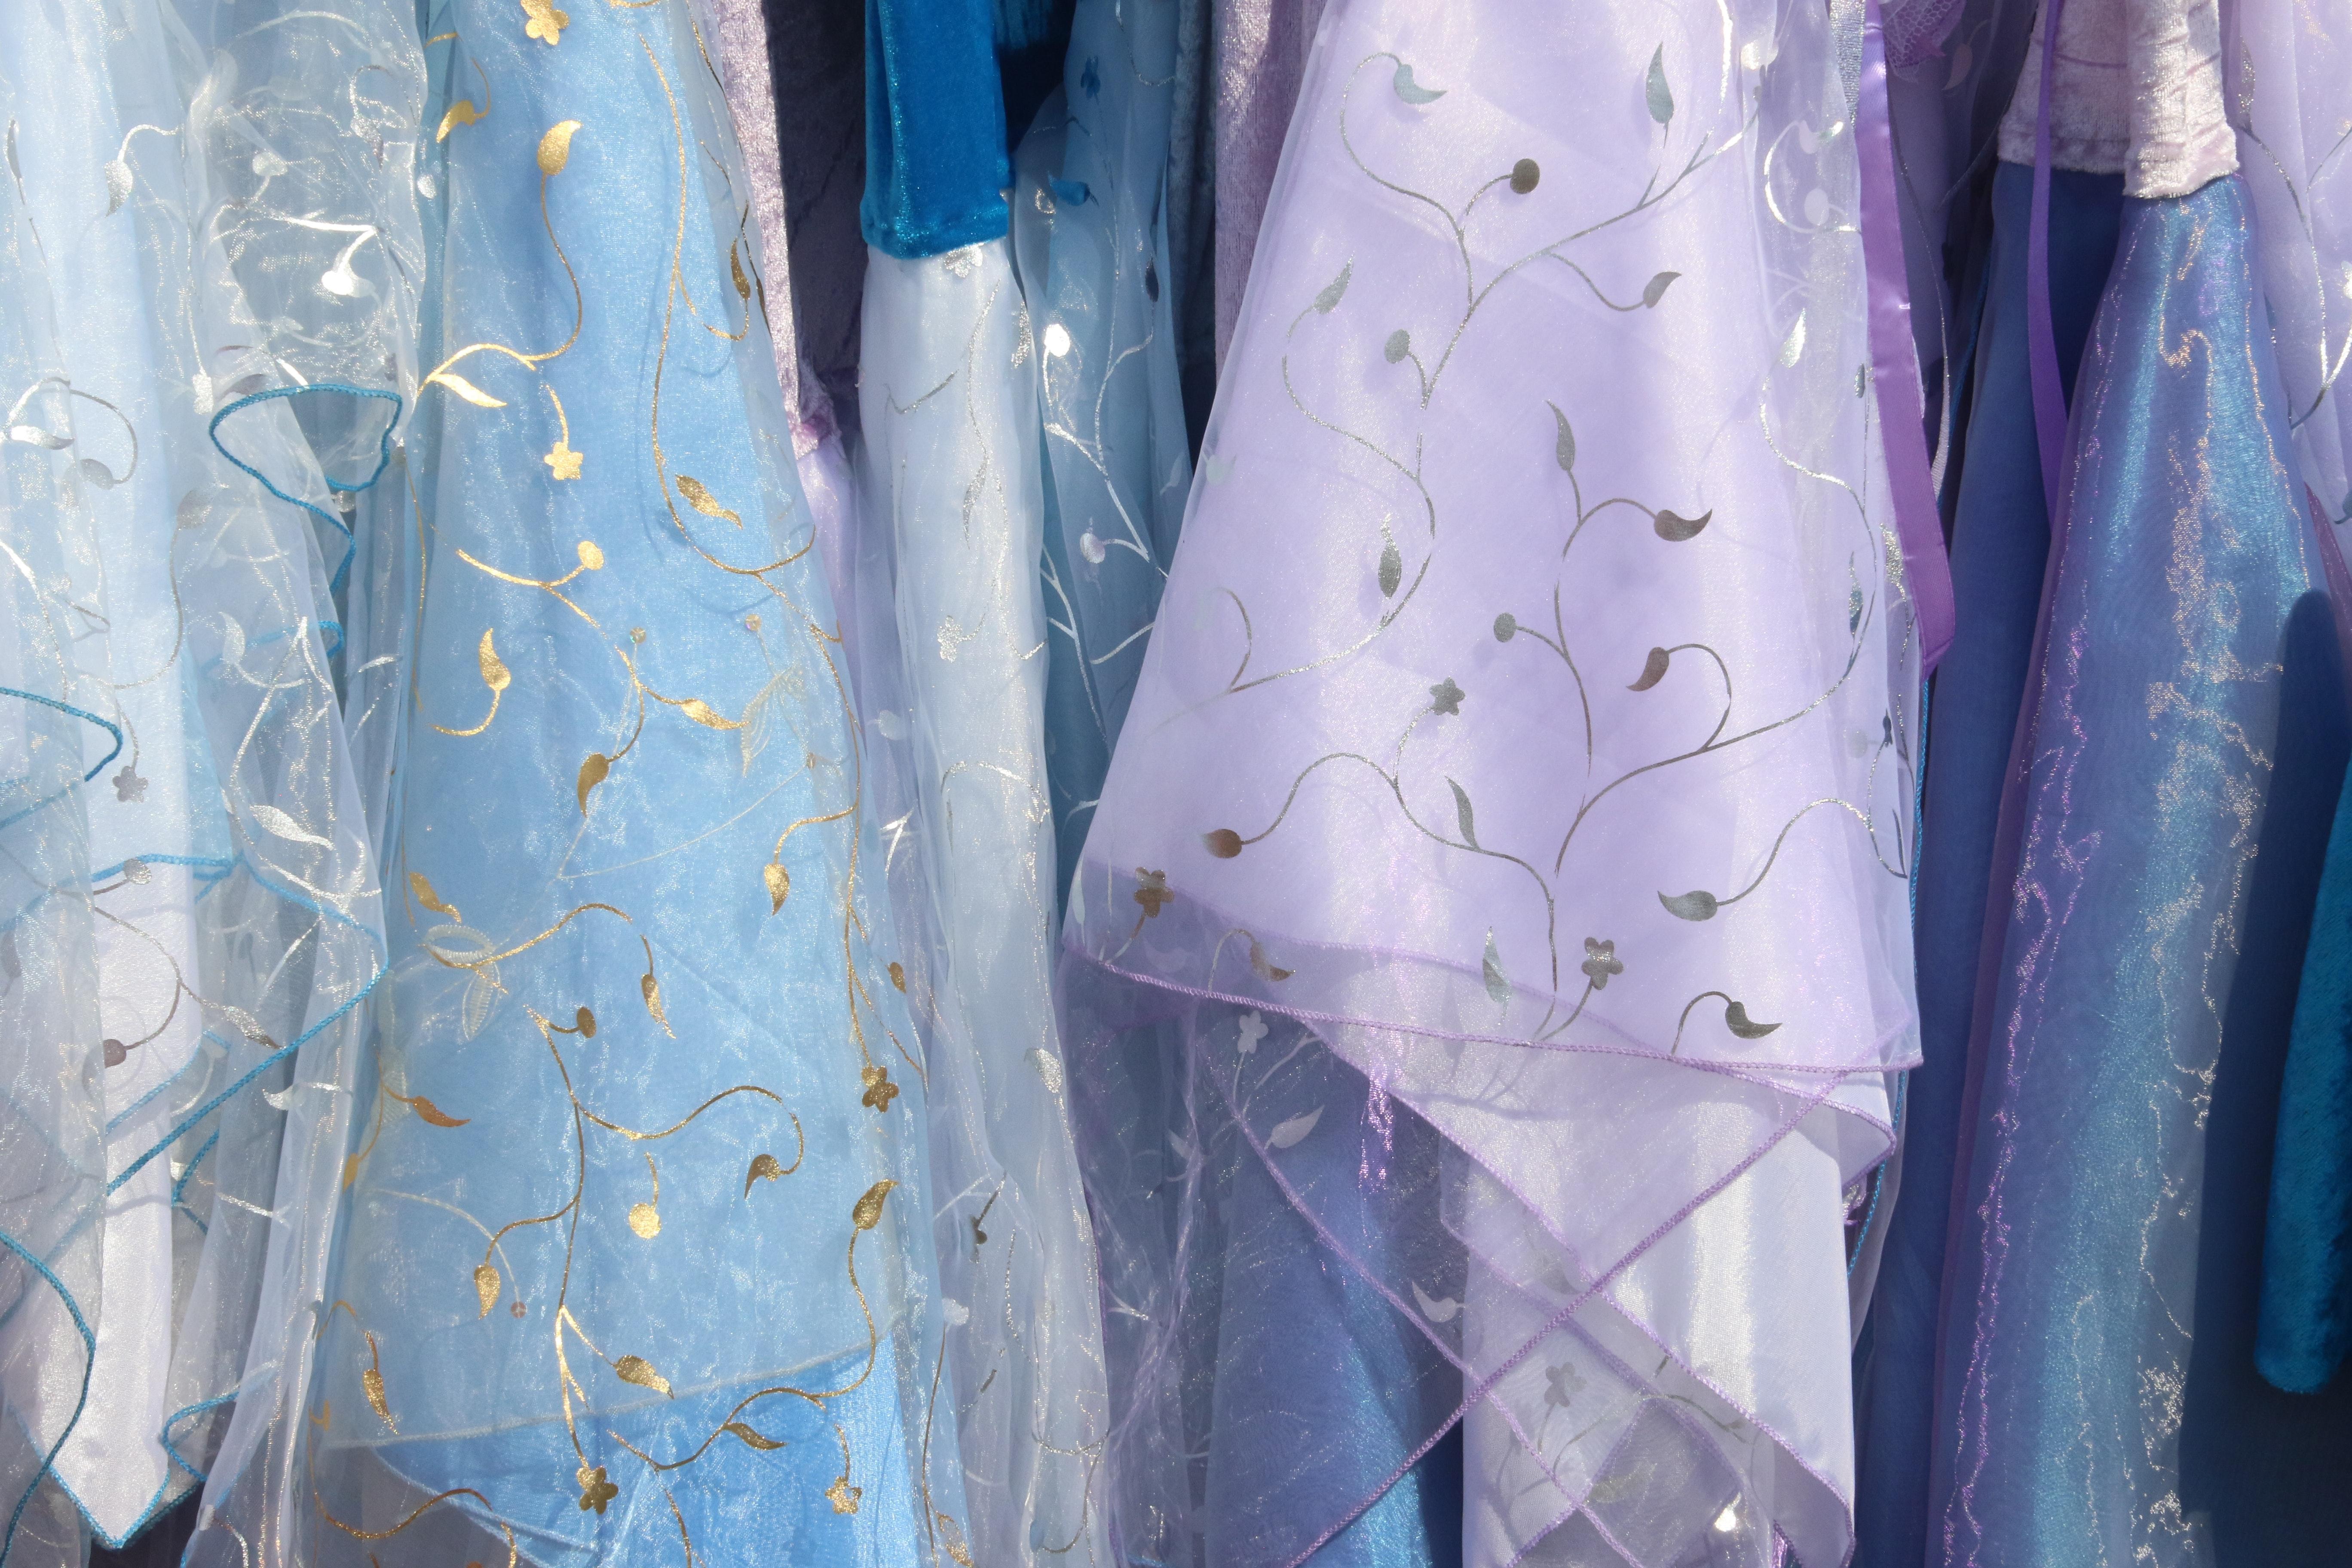 apparel-blue-boutique-1057313